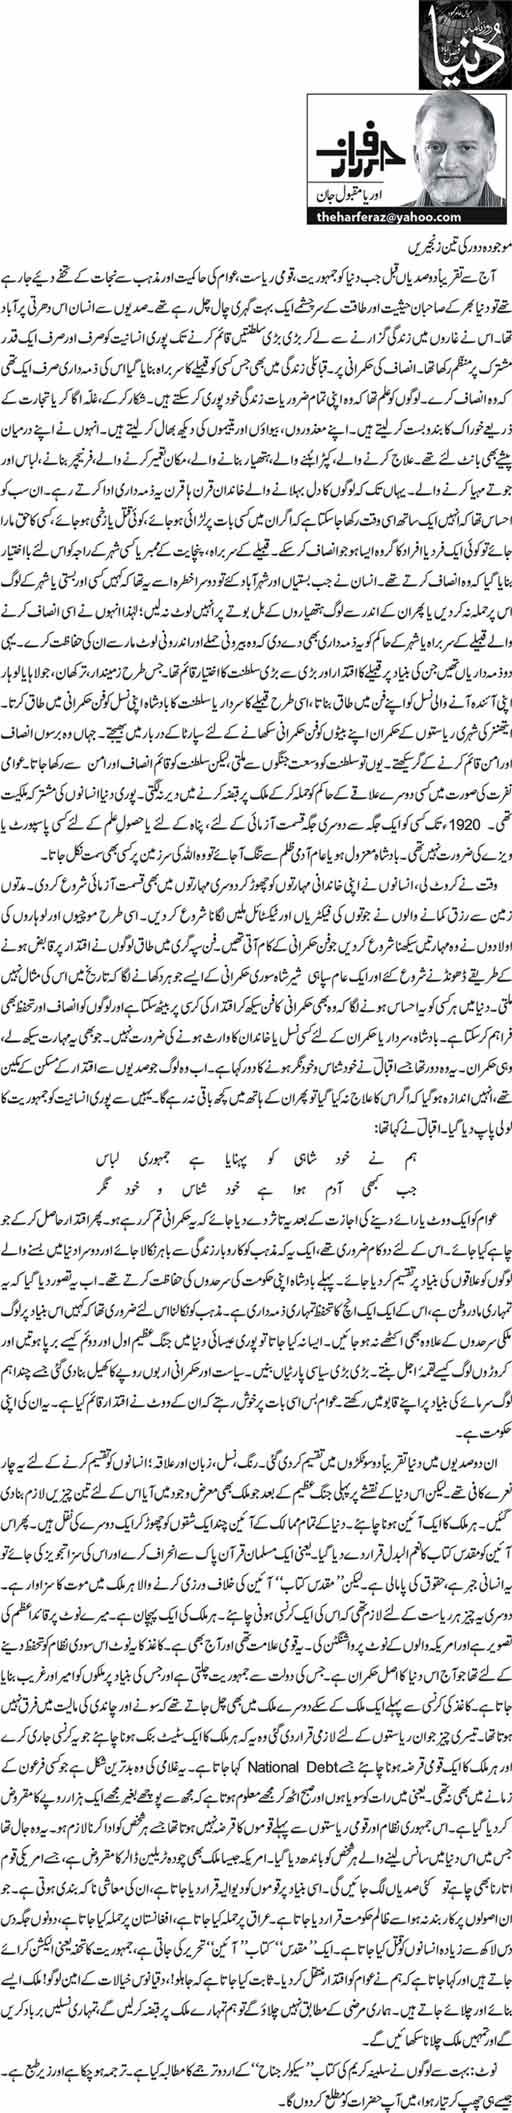 Majooda door ki zanjerain - Orya Maqbool jaan